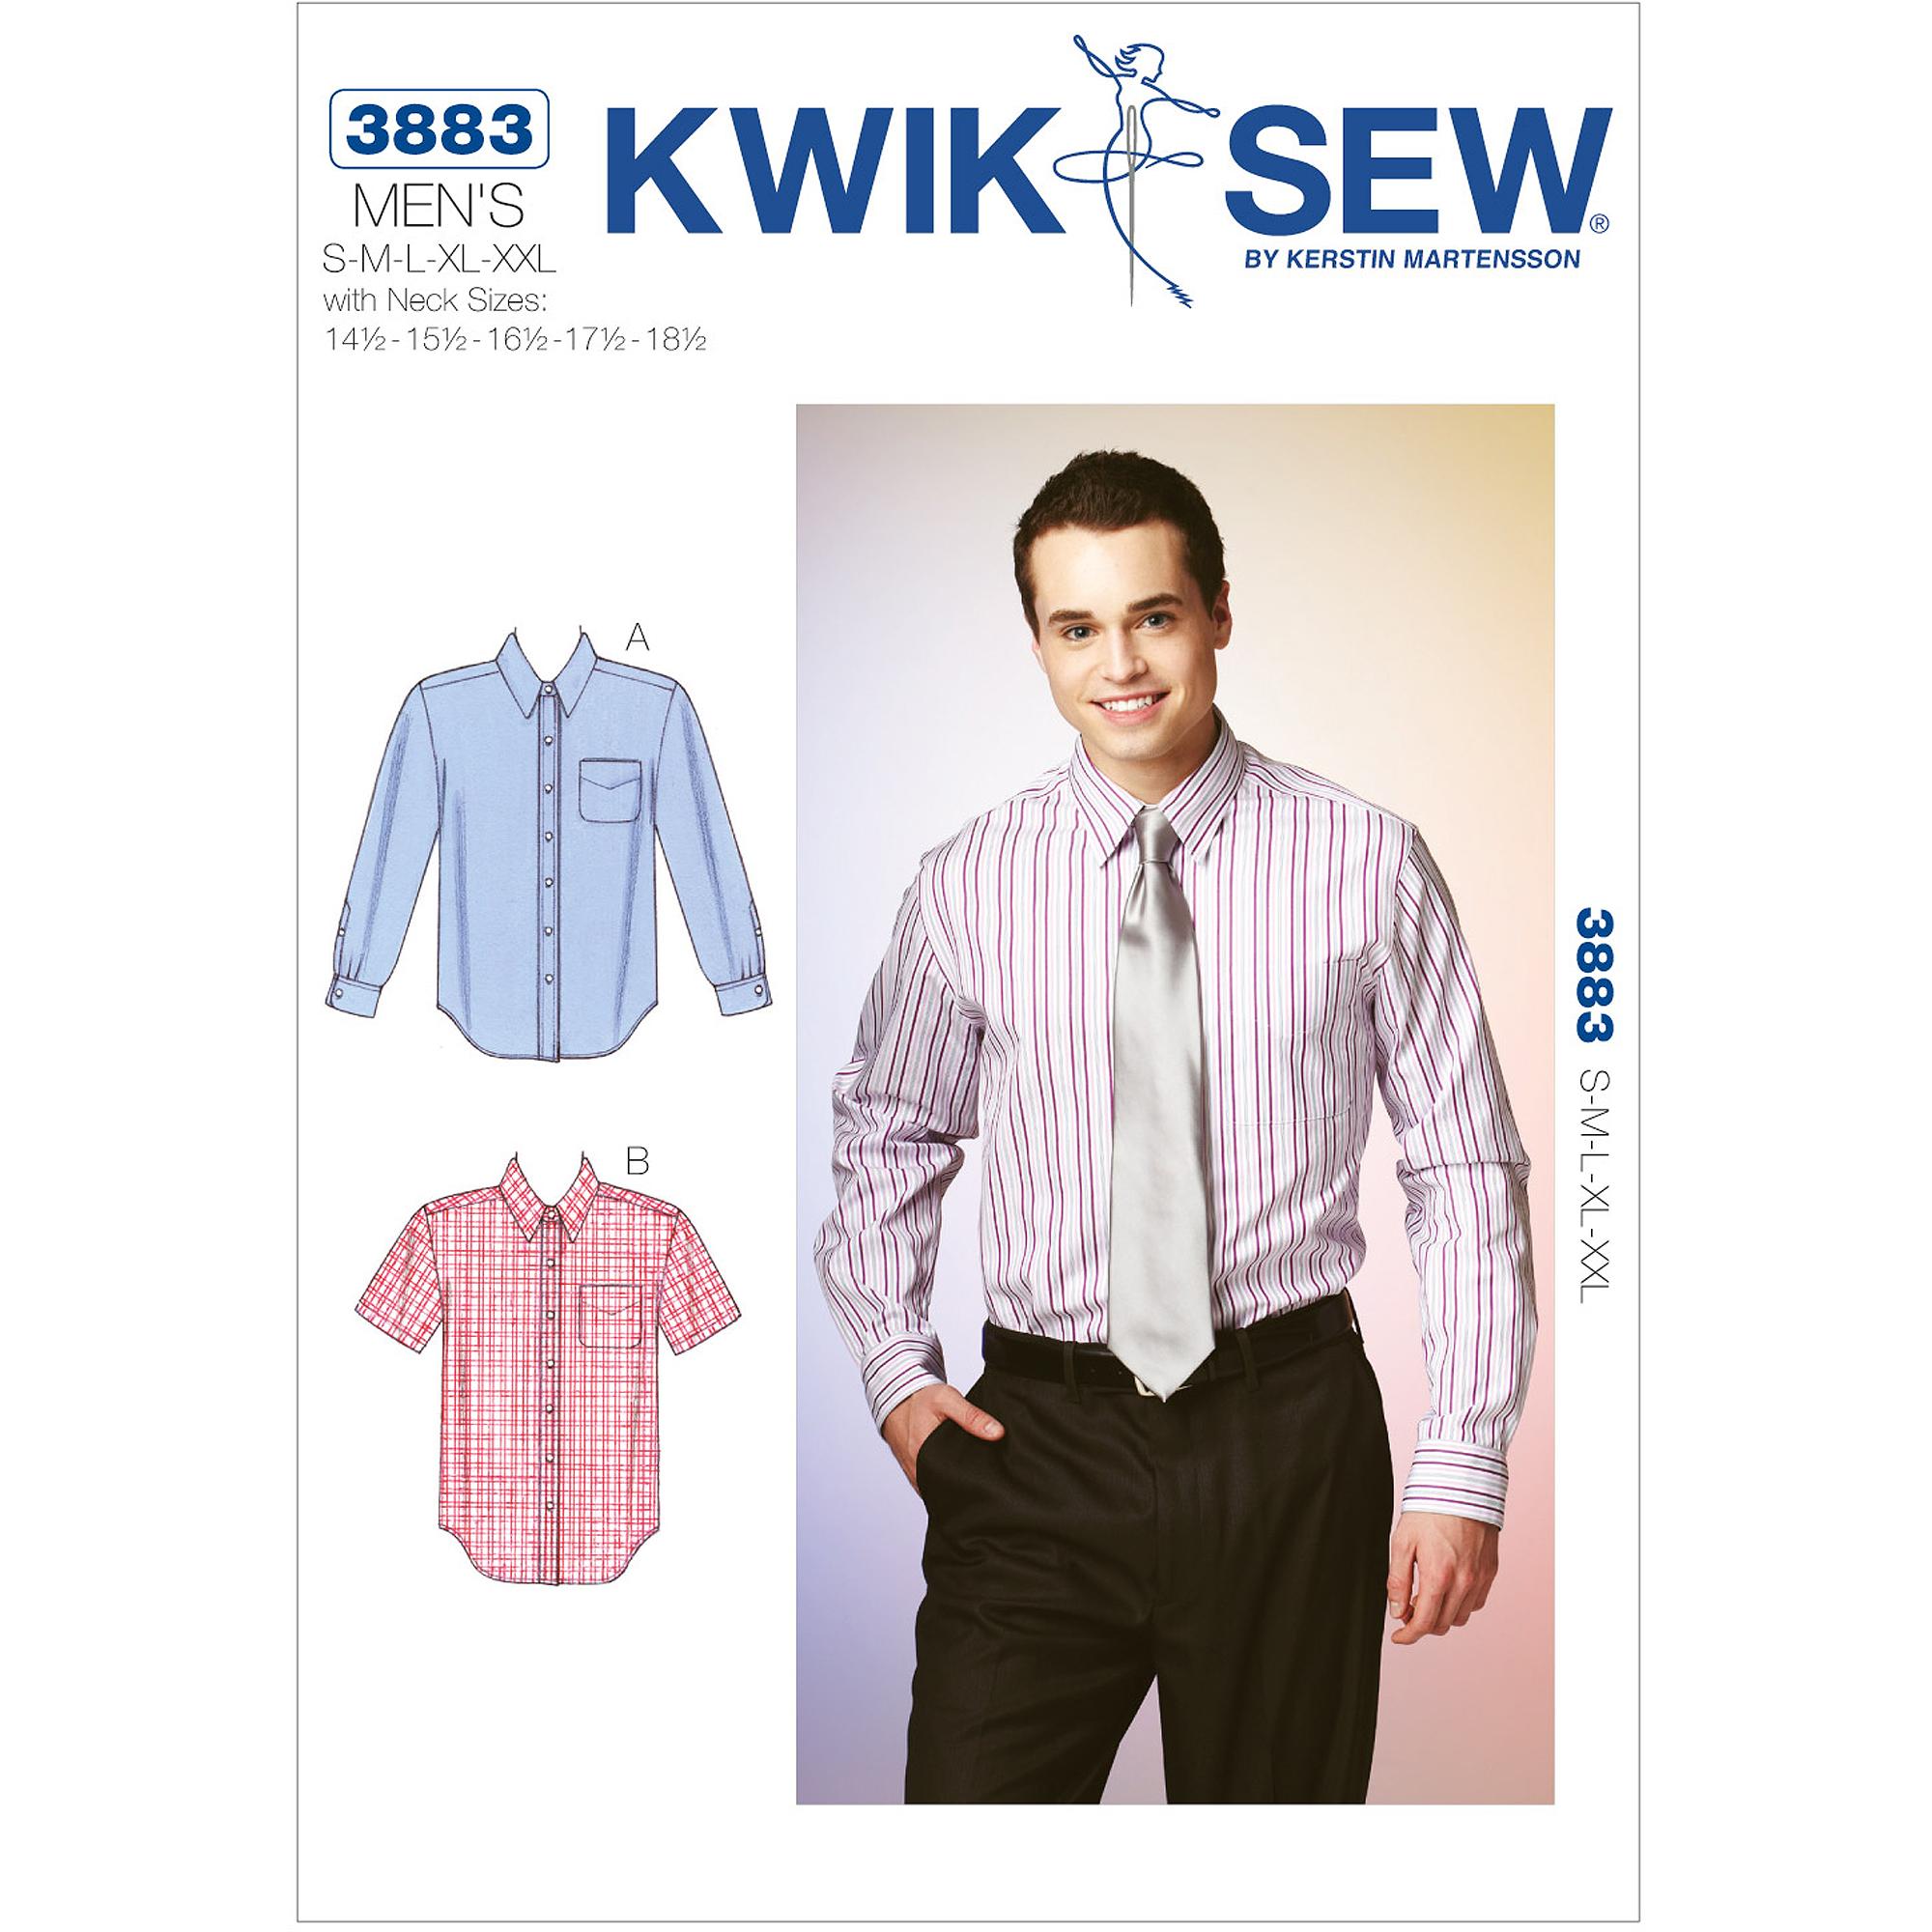 Shirts-S-M-L-XL-XXL with Neck Sizes 14 1/2-15 1